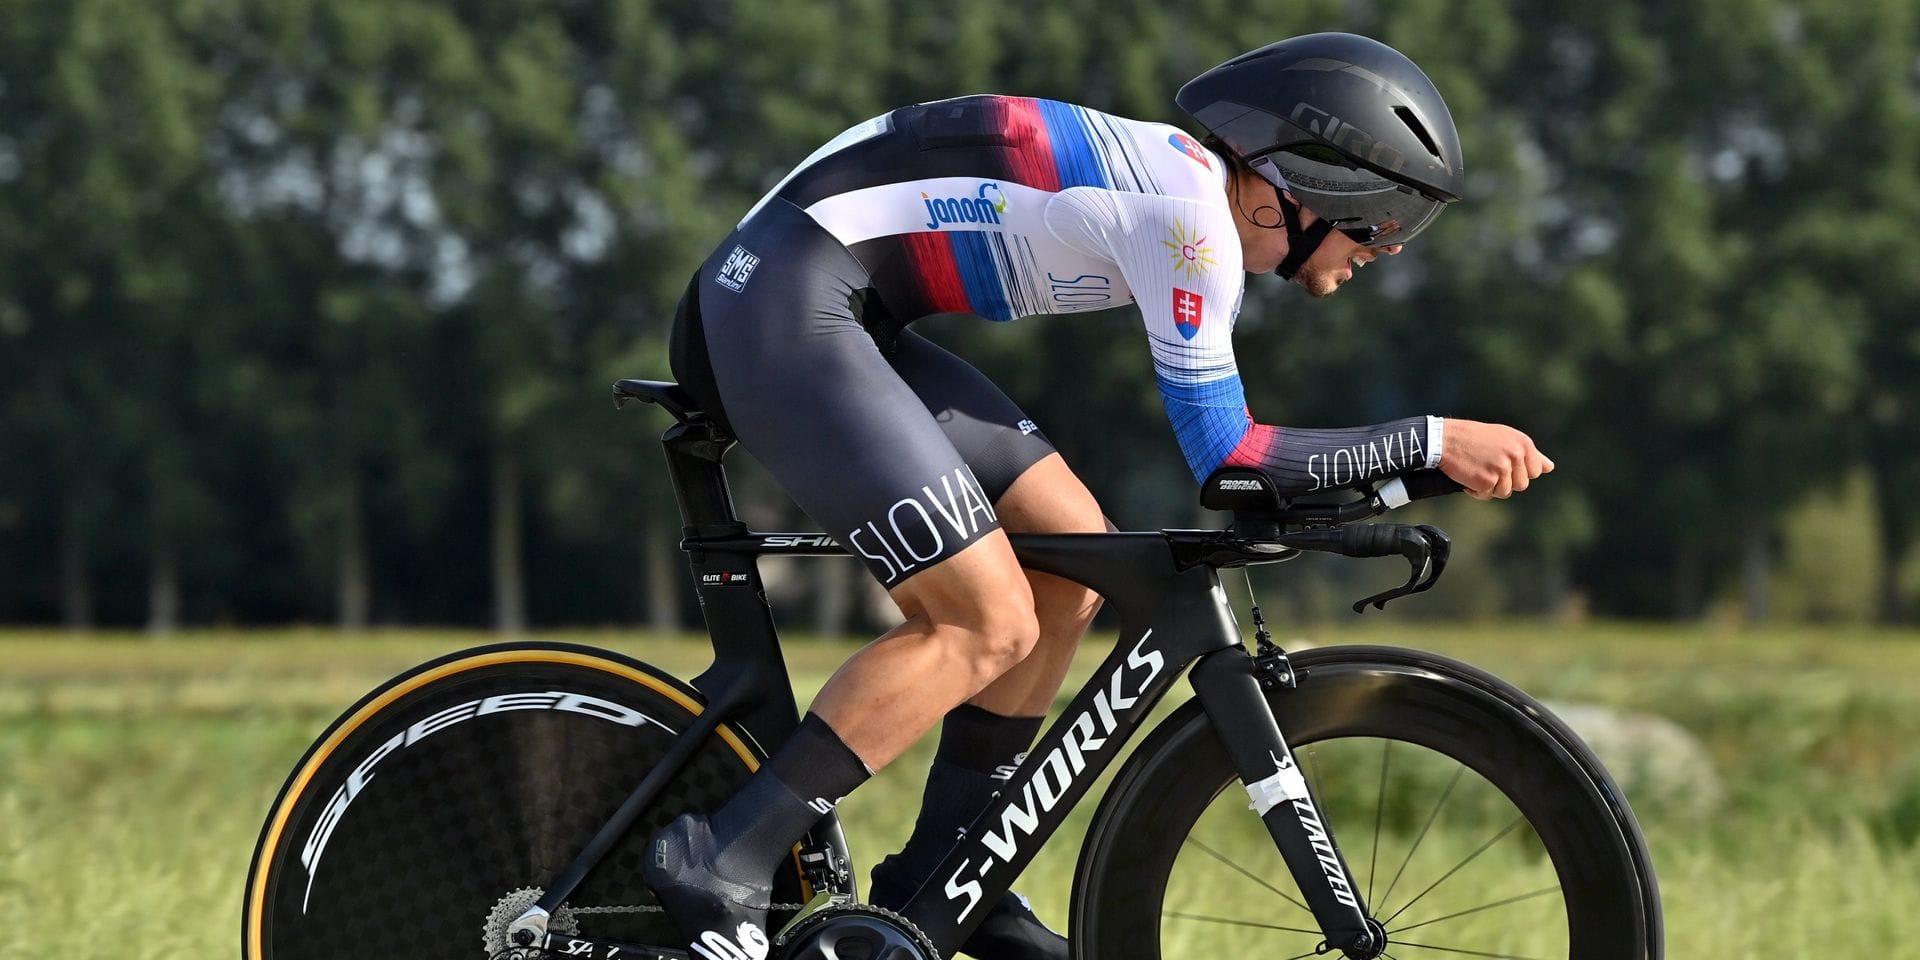 Le nouveau Sagan chez Deceuninck-Quick Step: un jeune talent slovaque signe avec l'équipe belge